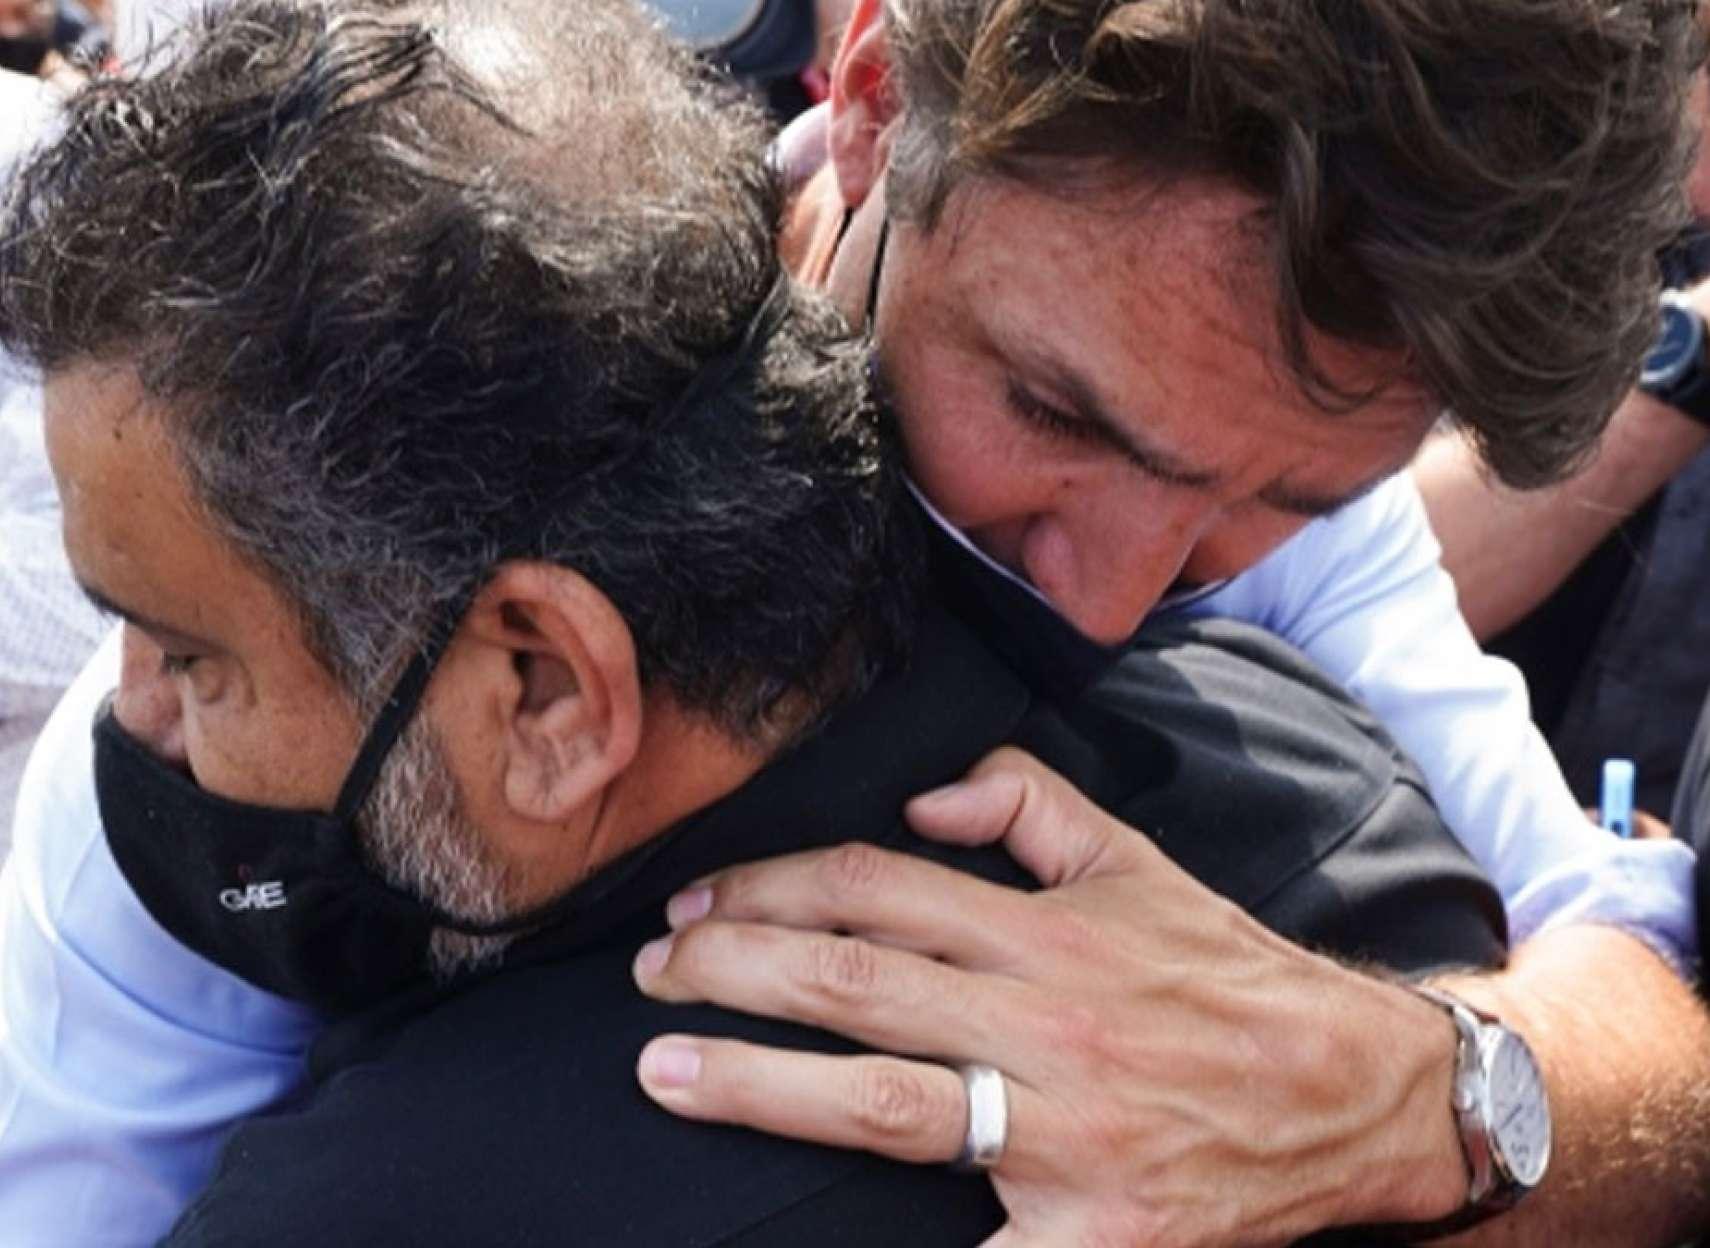 خبر-کانادا-یک-پدر-قربانی-پرواز-اوکراینی-جلوی-کمپین-انتخاباتی-ترودو-را-گرفت